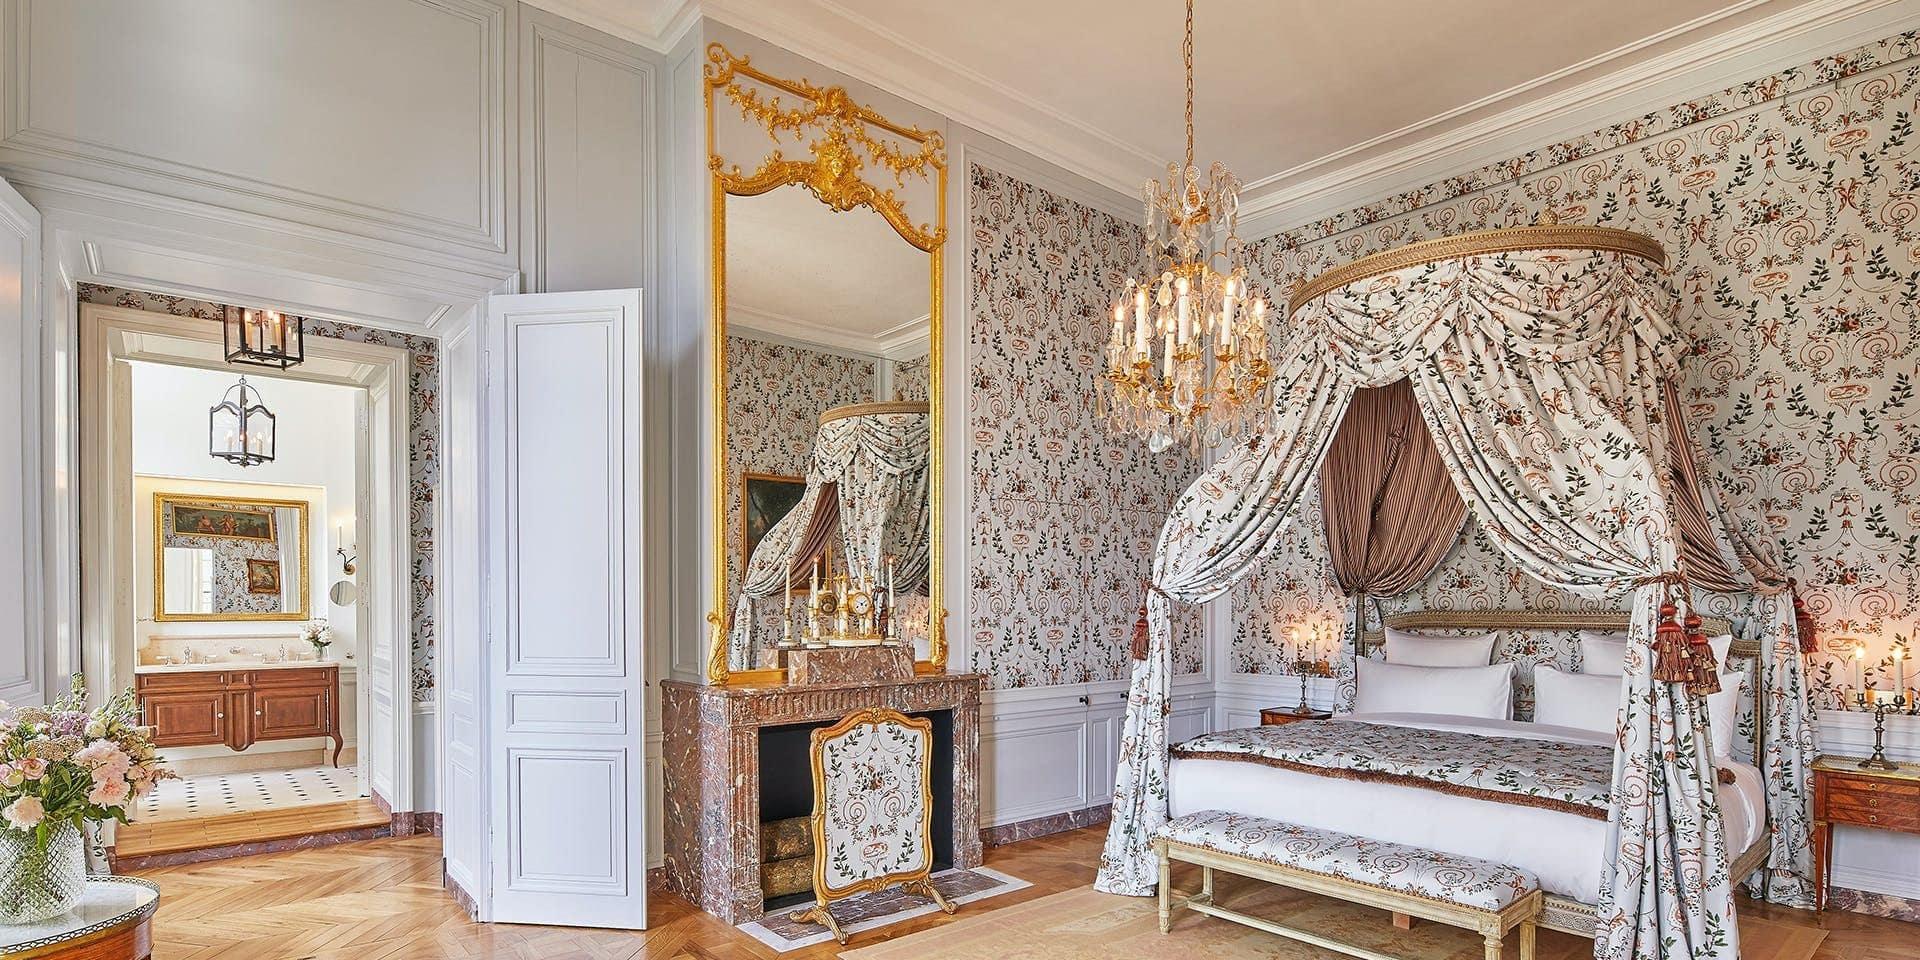 """Dormir et manger au chateau de Versailles, c'est possible: """"Savourez une cuisine raffinée et profitez d'une mise en scène rappelant les fastes d'antan"""""""